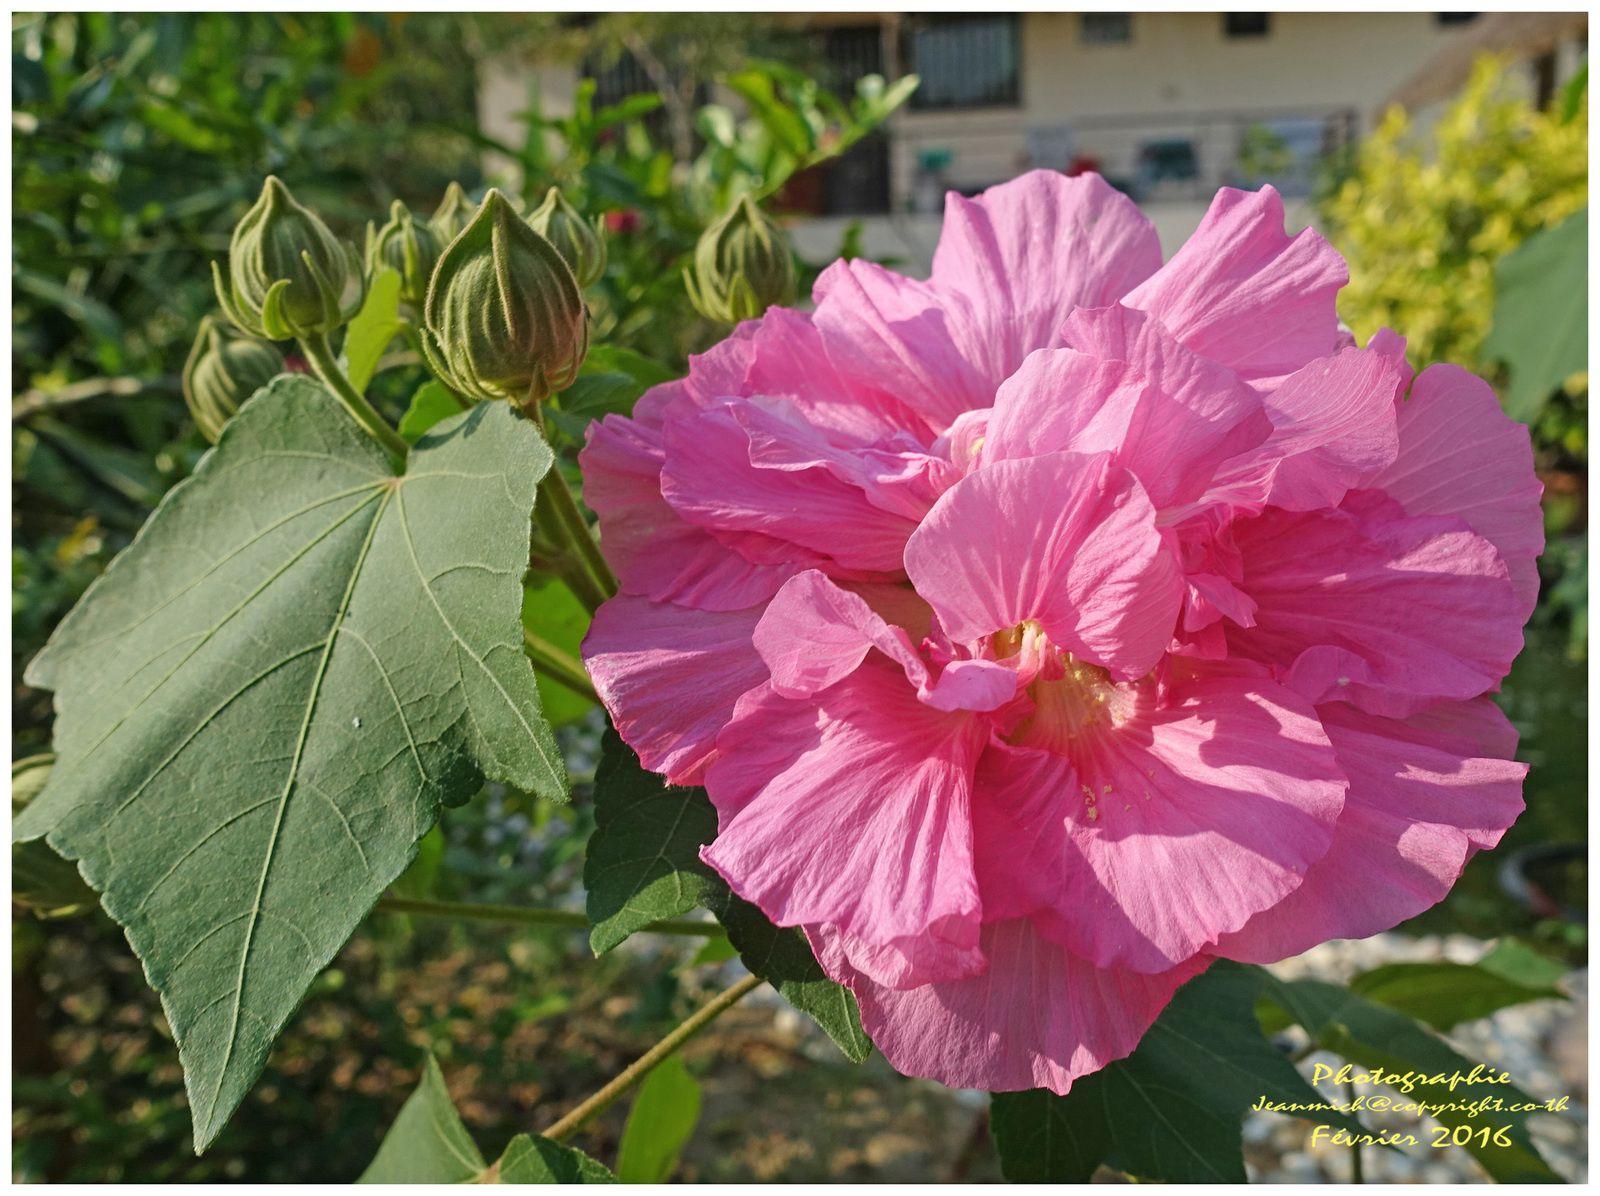 De bien étranges fleurs qui changent de couleur...